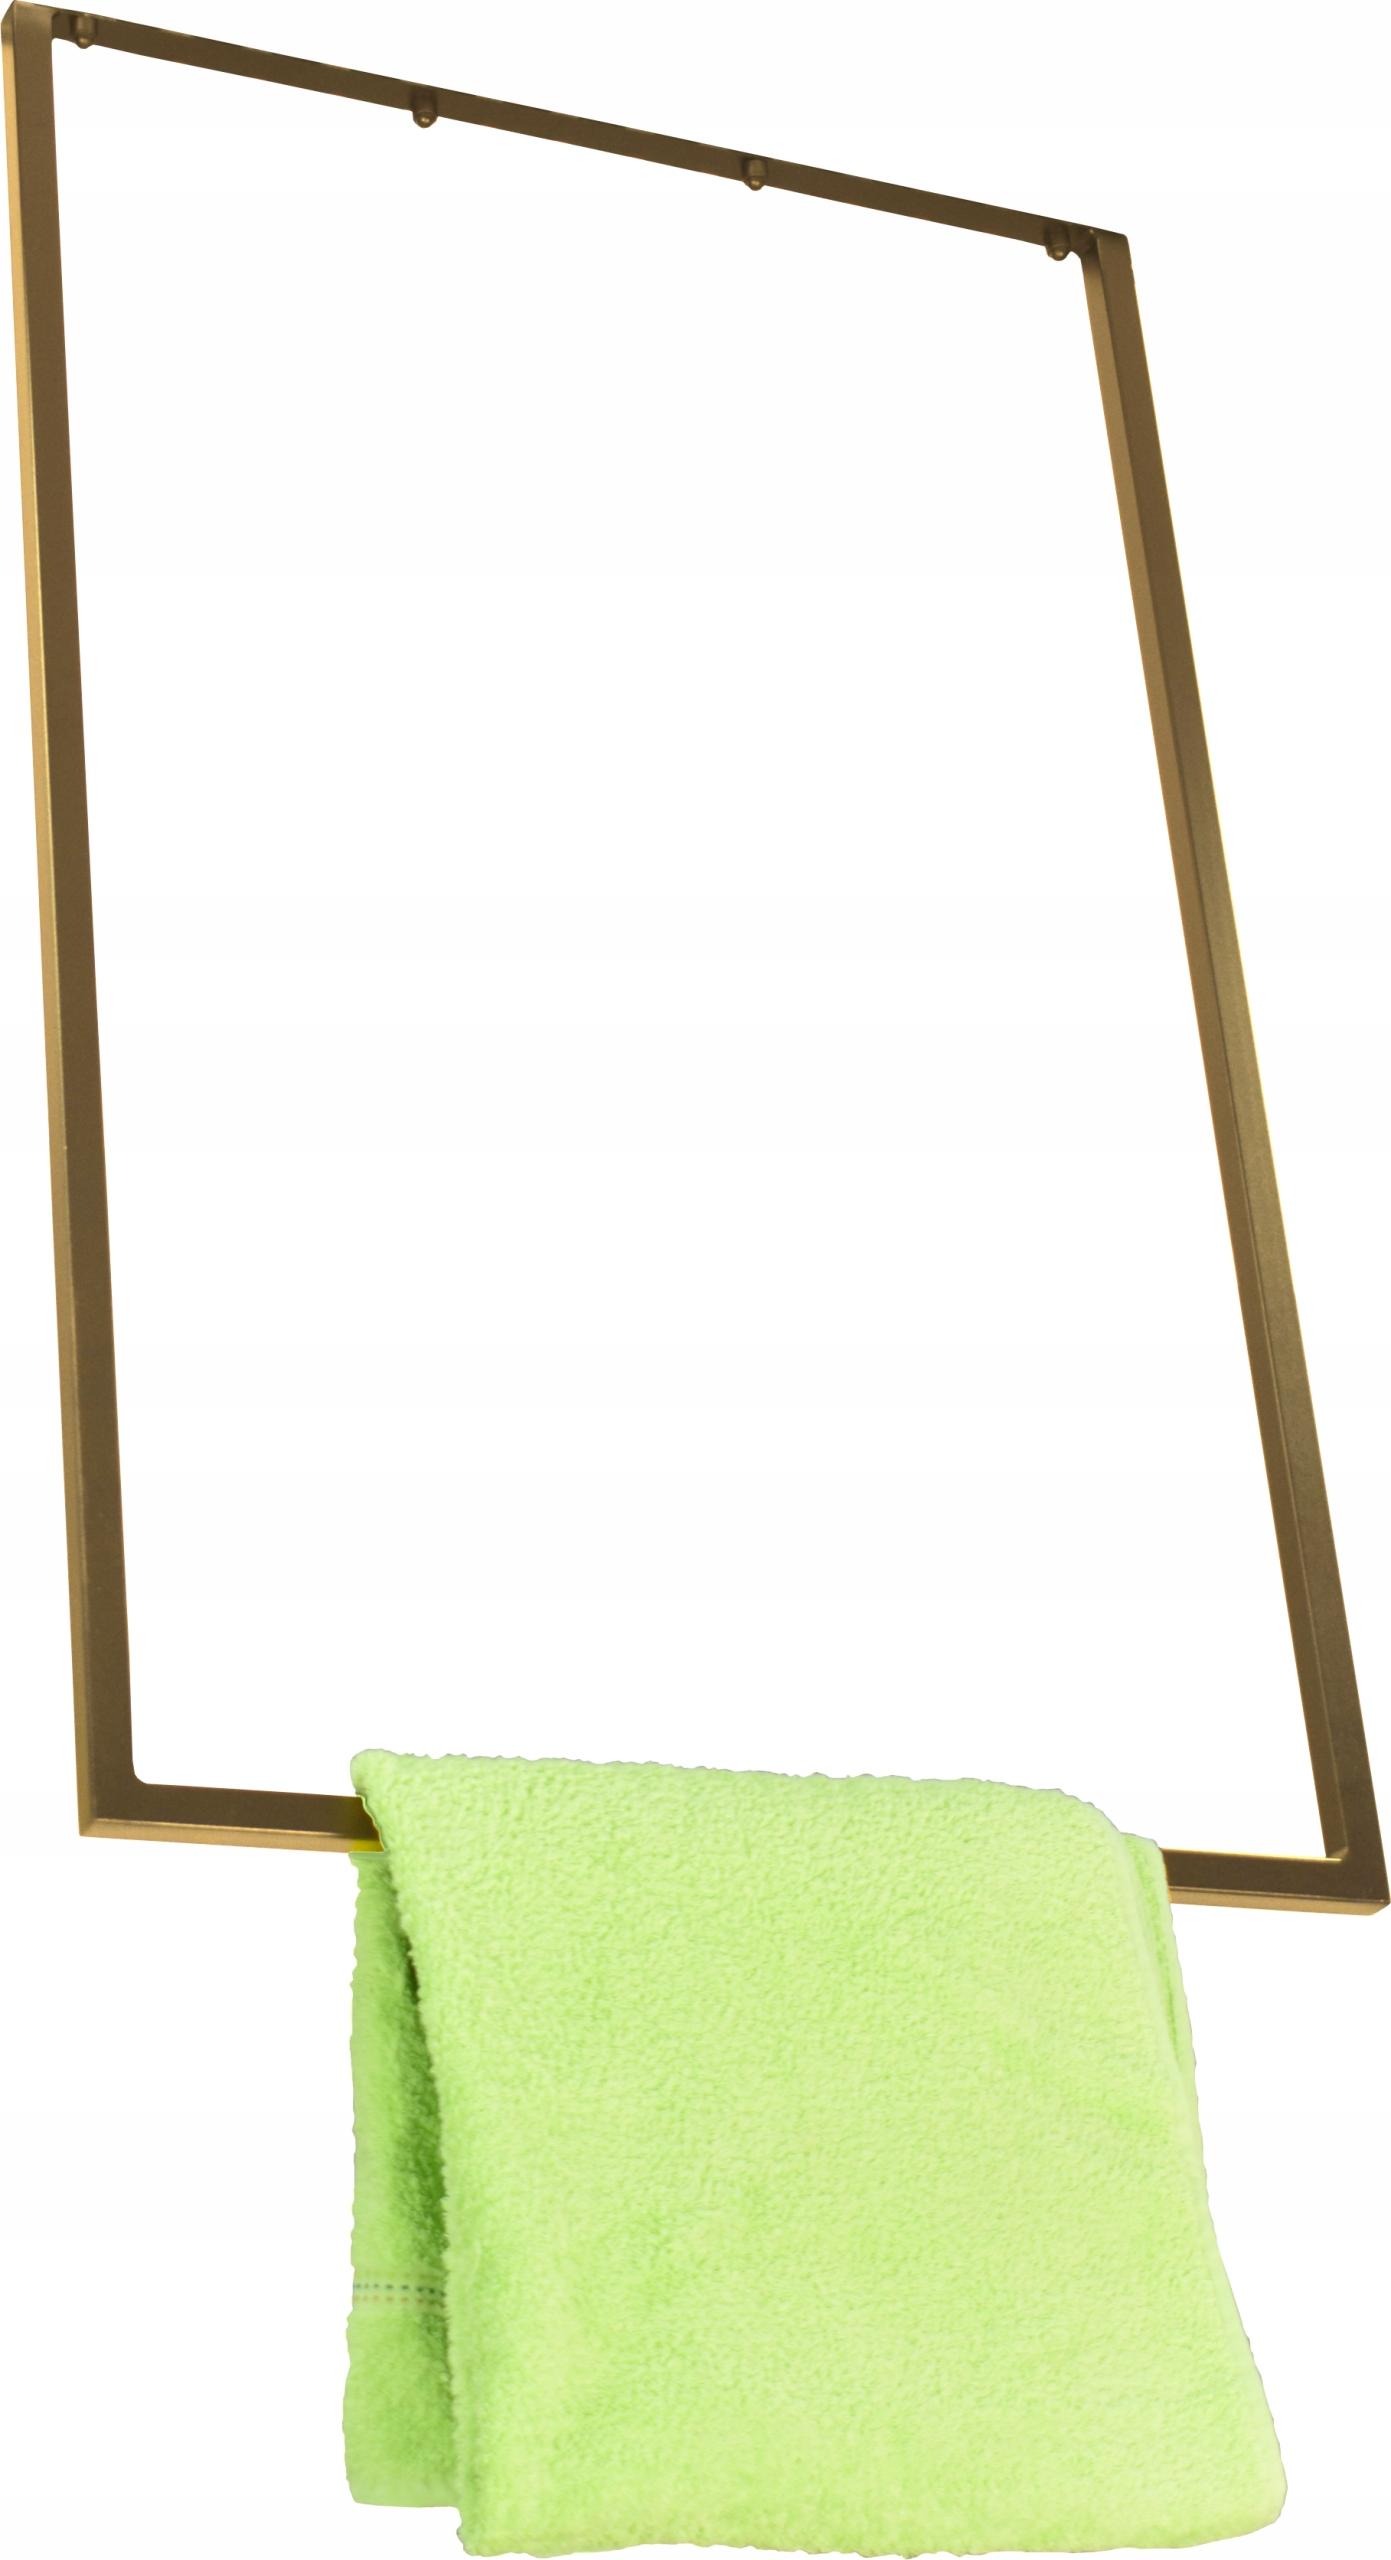 Stropný držiak na uteráky, ZÁVESNÉ Zlato 60x90